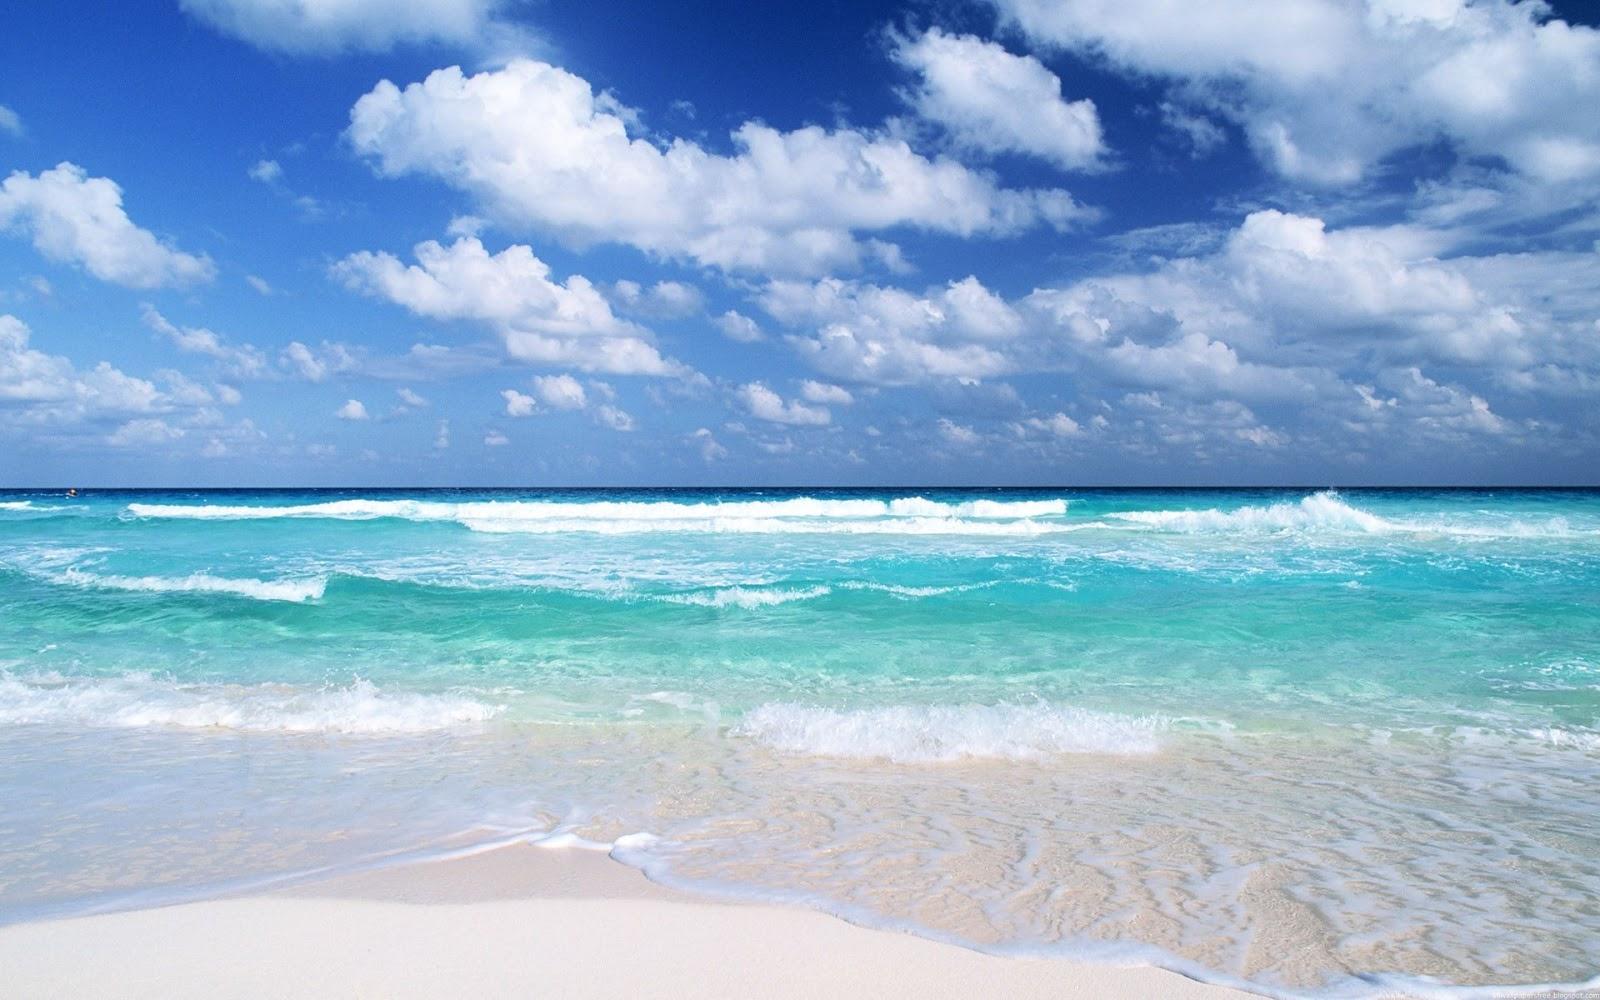 desktop beach wallpapers wallpaper - photo #1